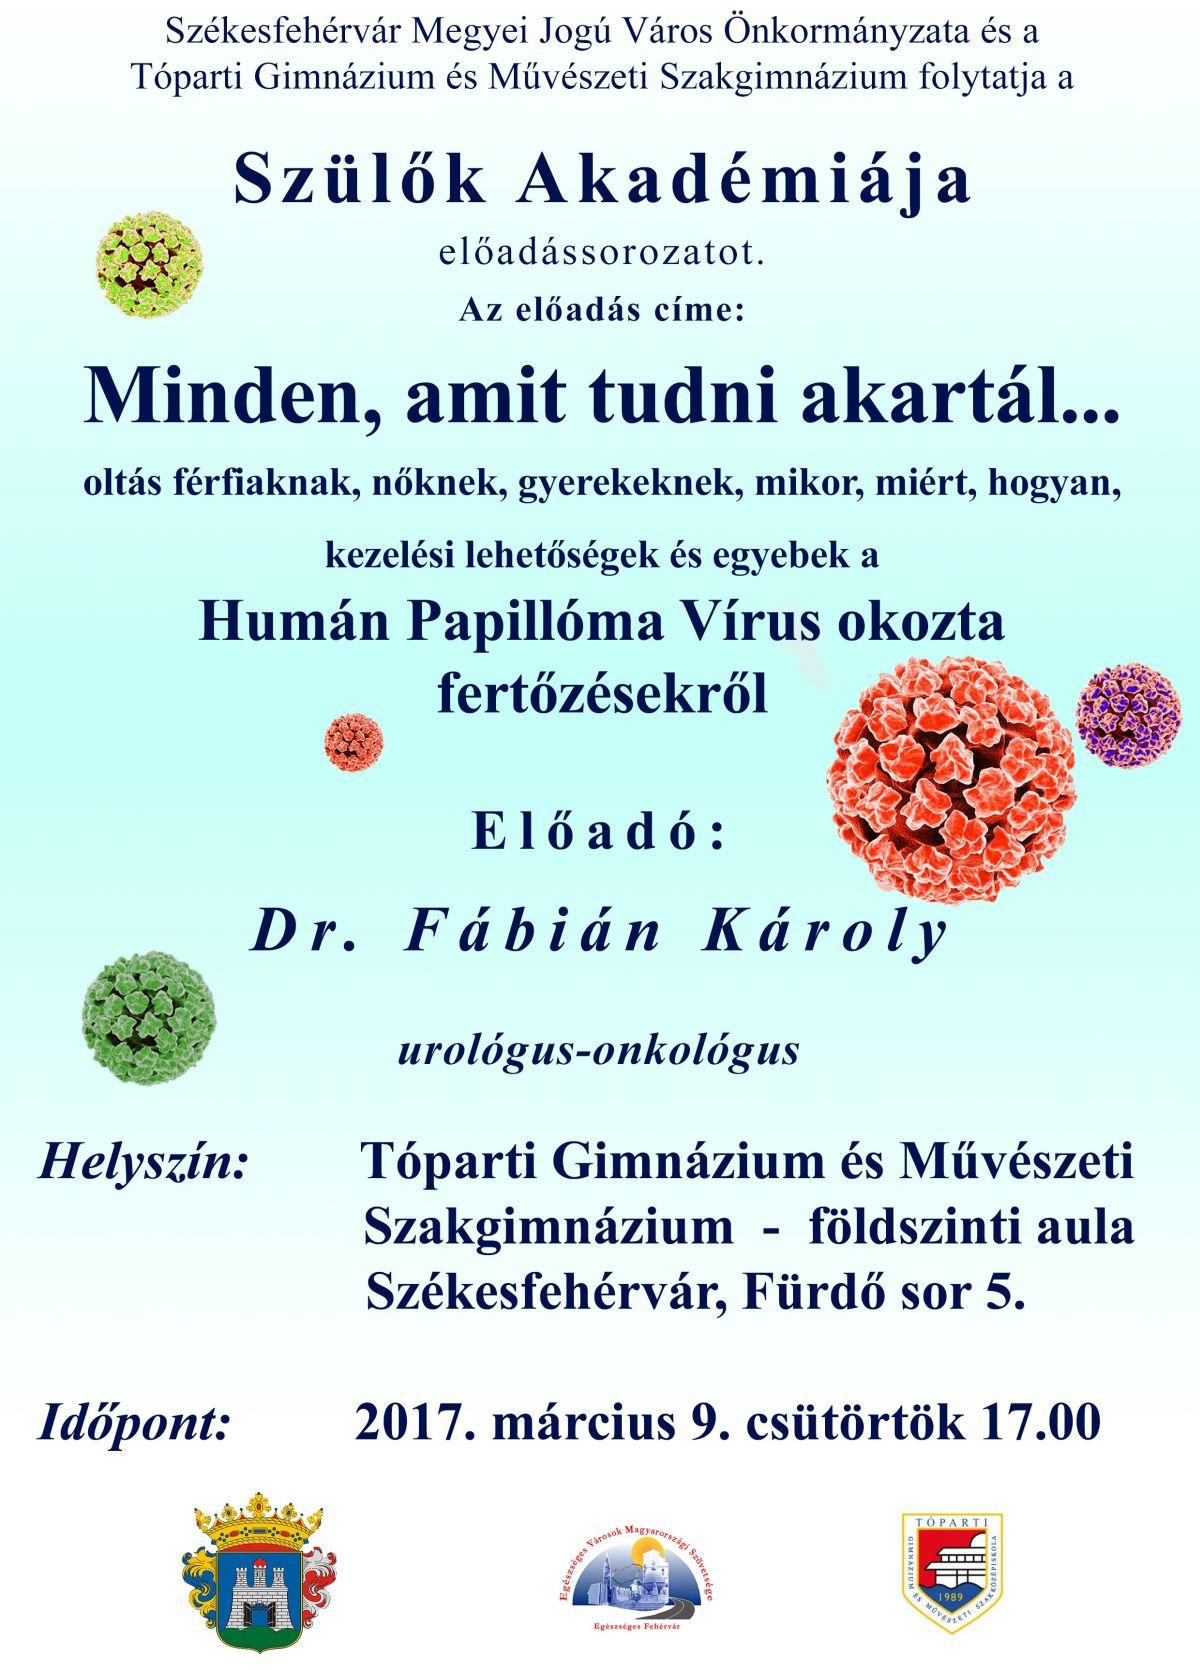 papilloma oltási vírus gyermekek